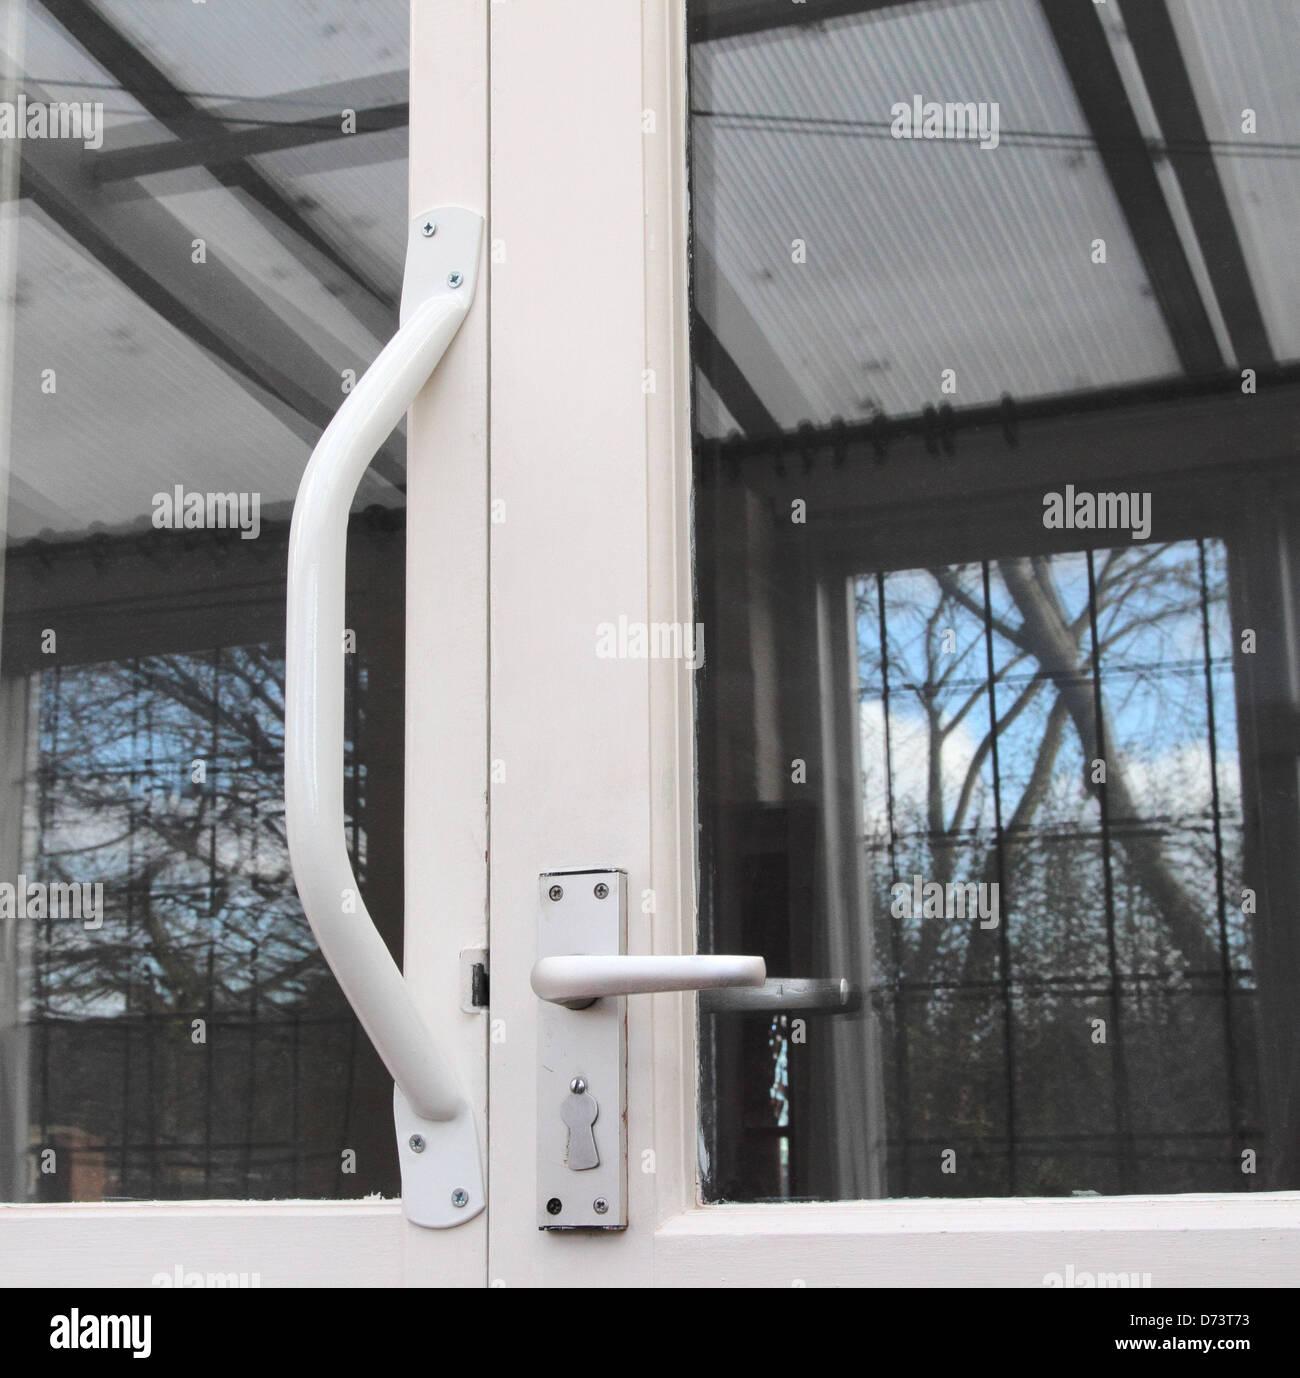 Invalidité monté sur porte, poignée de maintien d'une forme de vie d'invalidité, d'aide Photo Stock